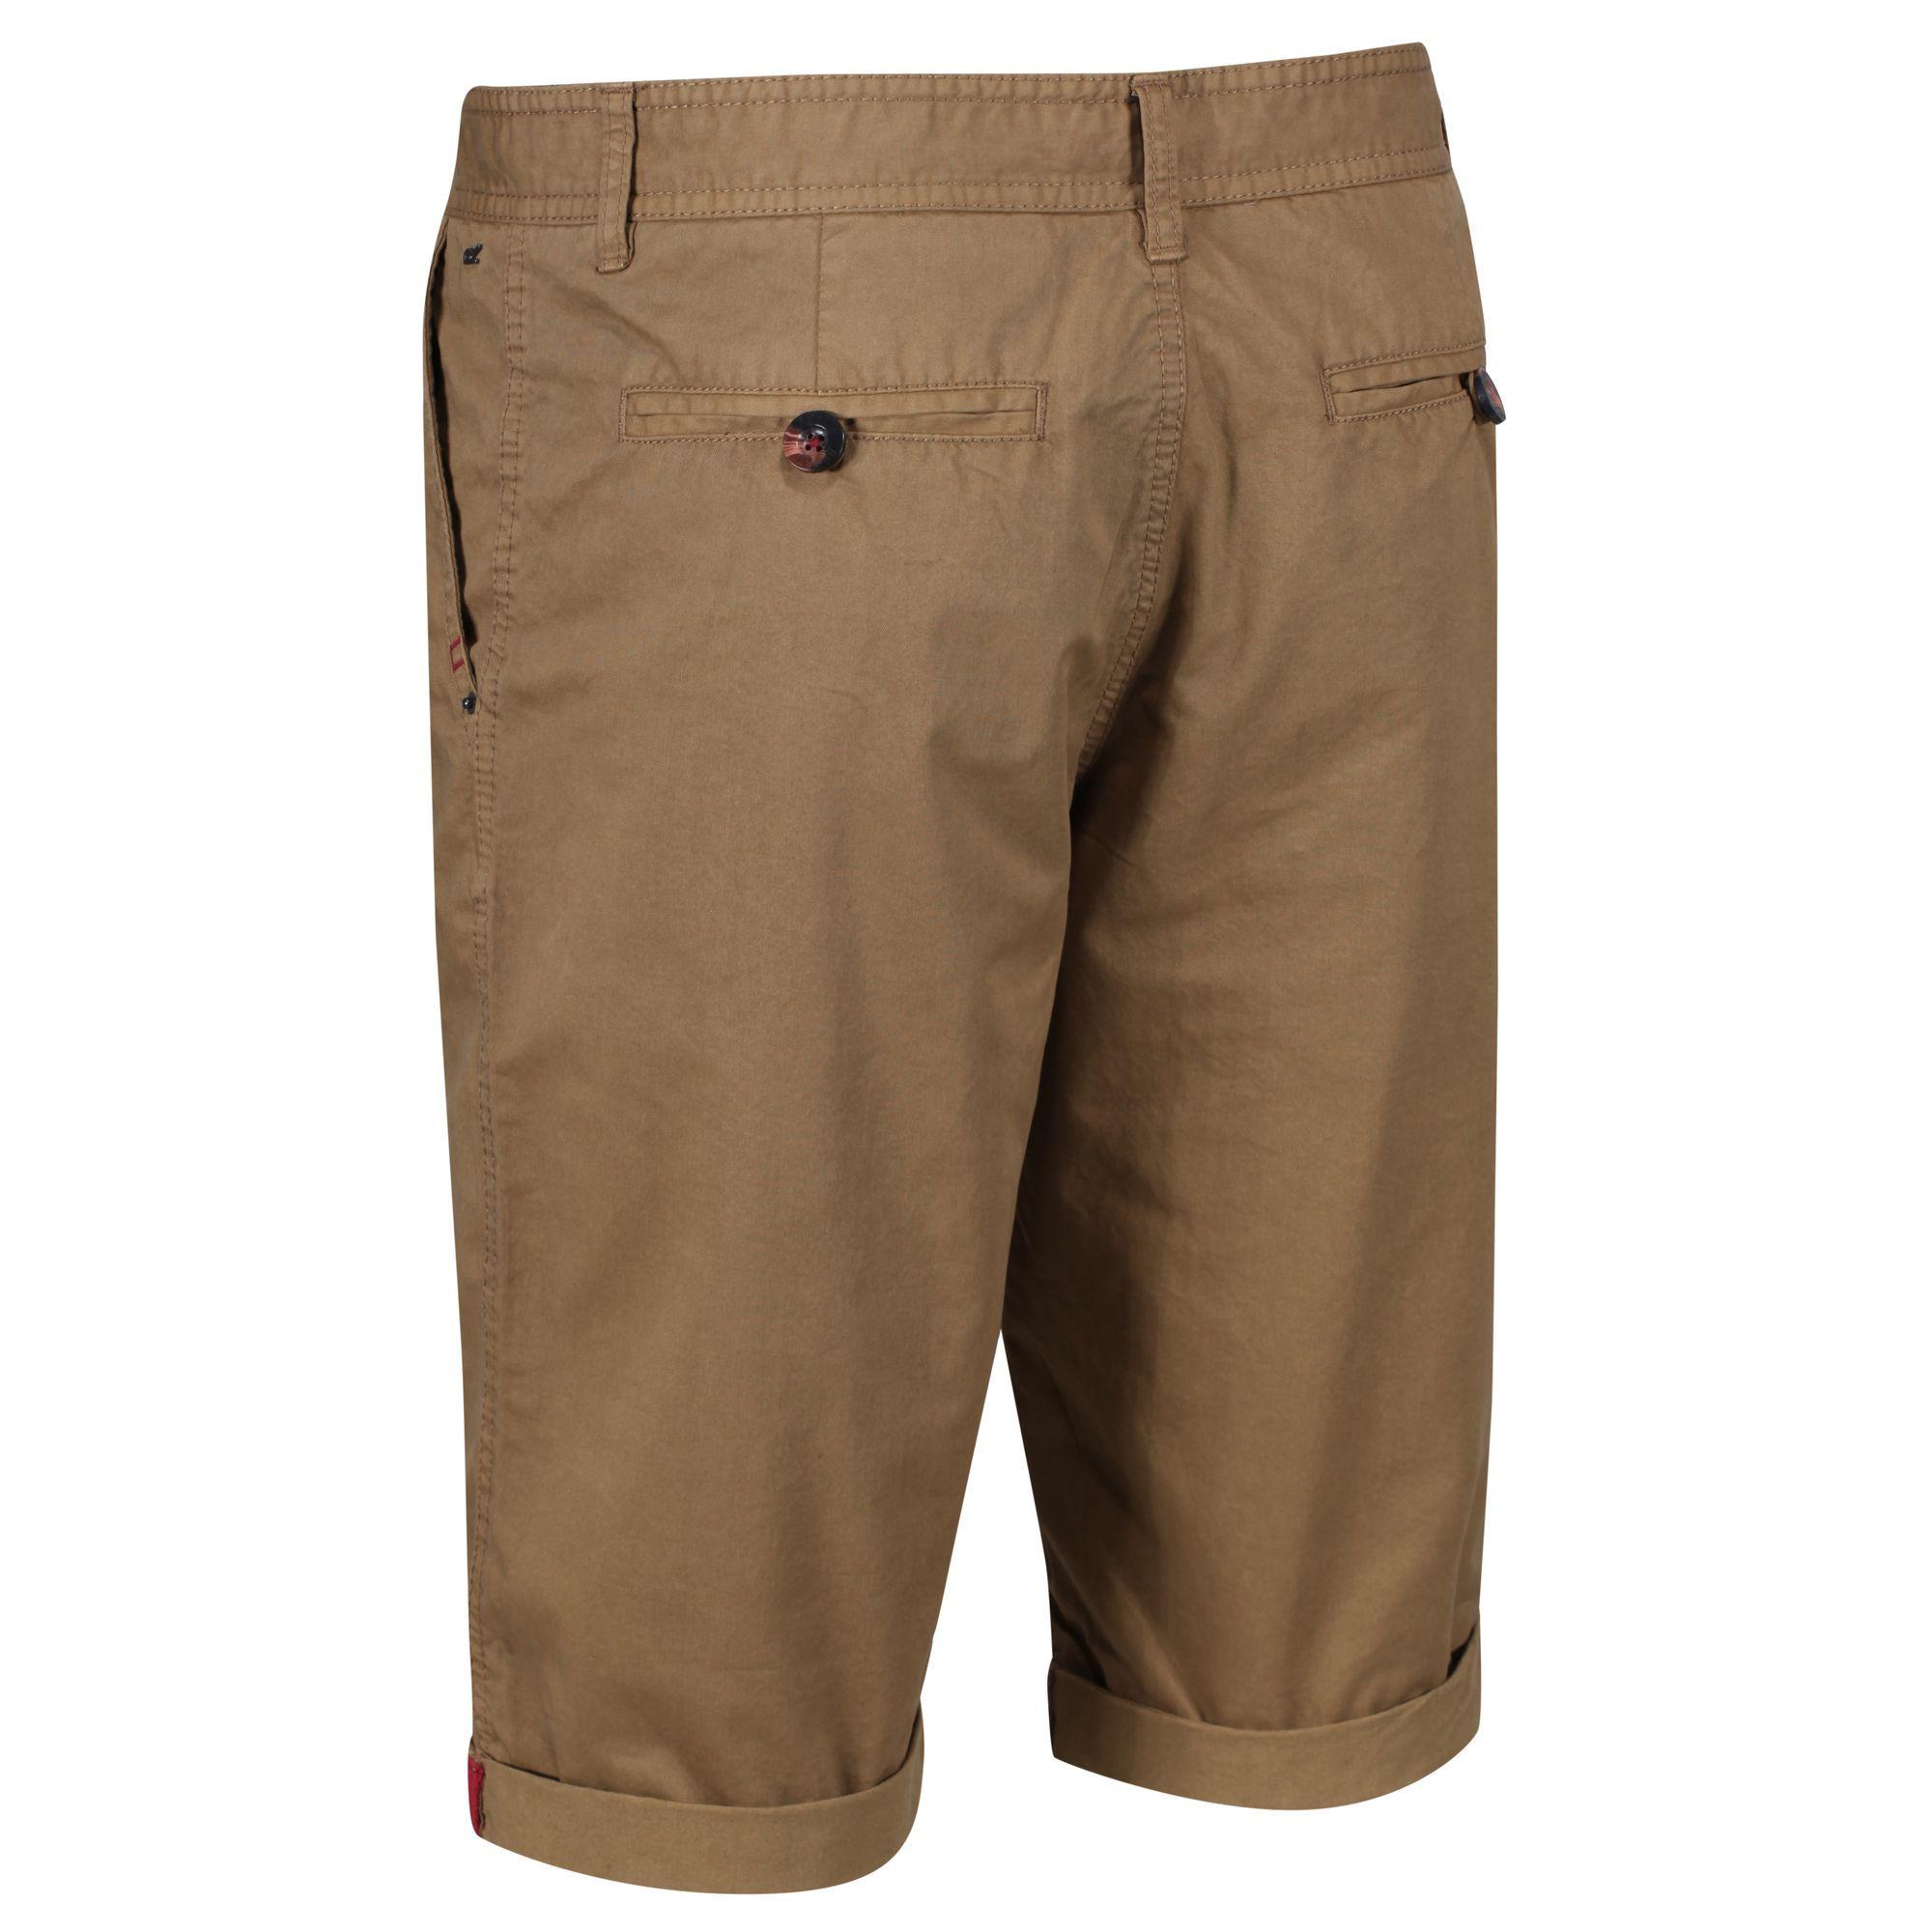 Regatta Mens Santino Coolweave Casual Shorts RG4161